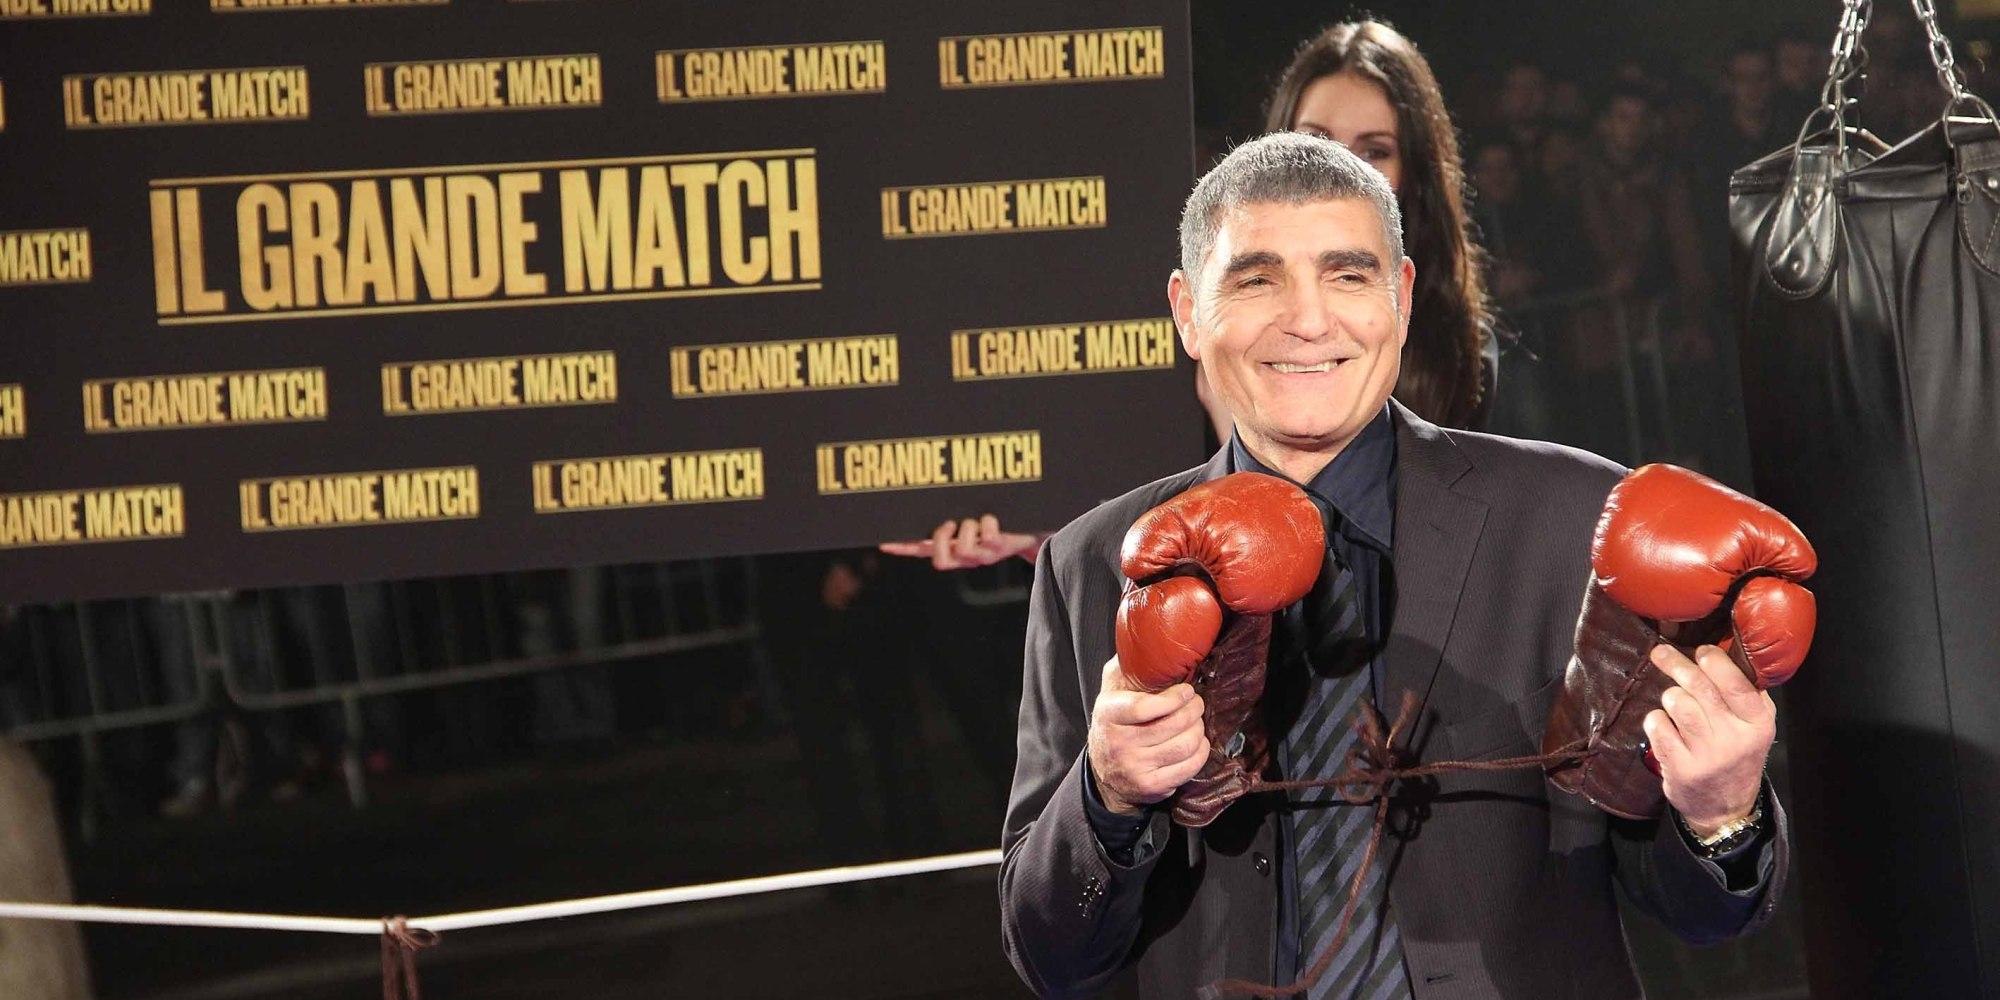 Cortona, terza edizione del 'Premio sportivo dell'anno', ospite speciale Patrizio Oliva. Ecco le candidature